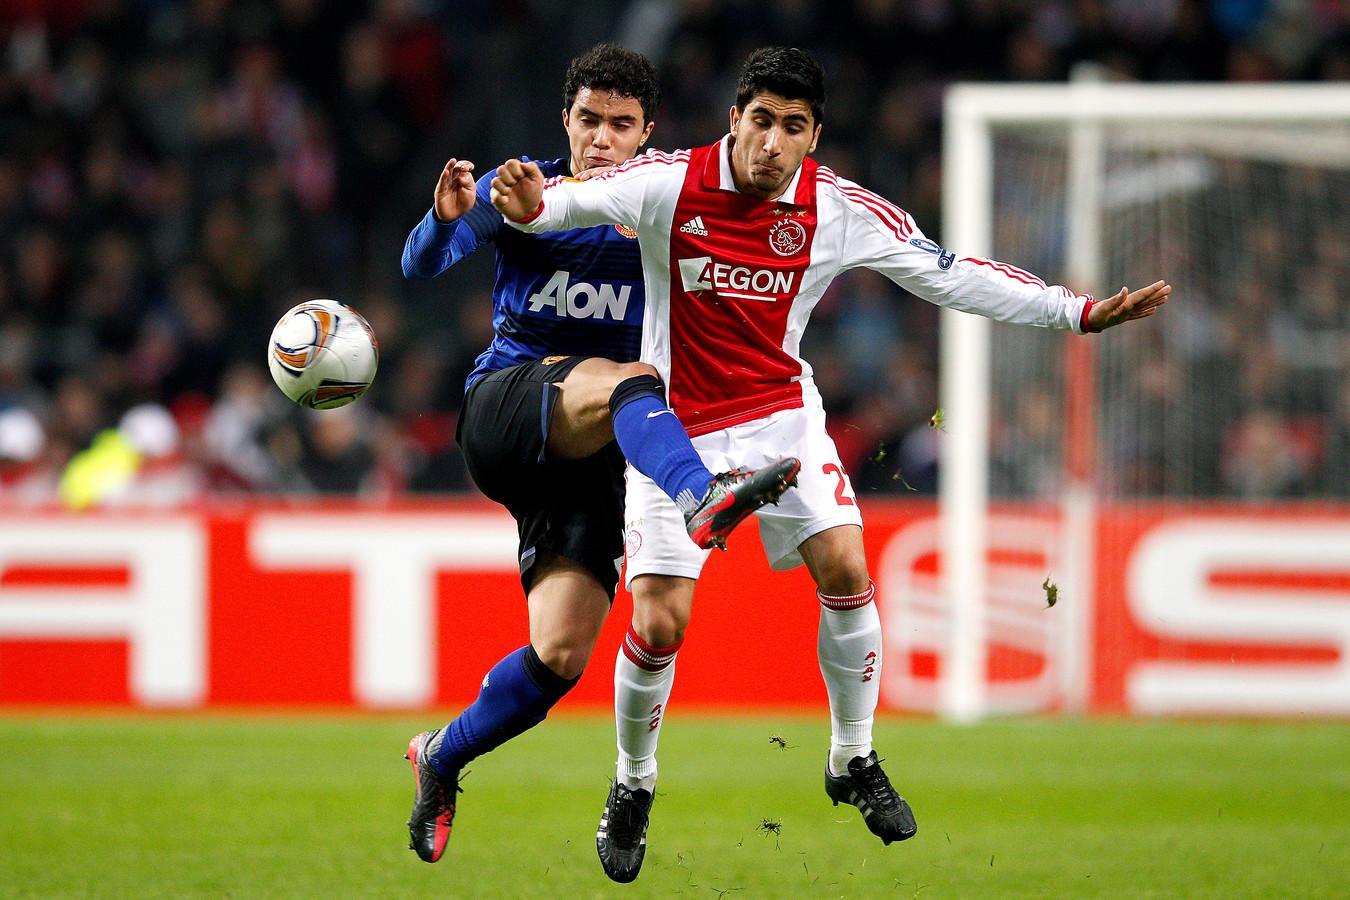 Aras Özbiliz in actie tegen Manchester United als speler van Ajax in 2011.